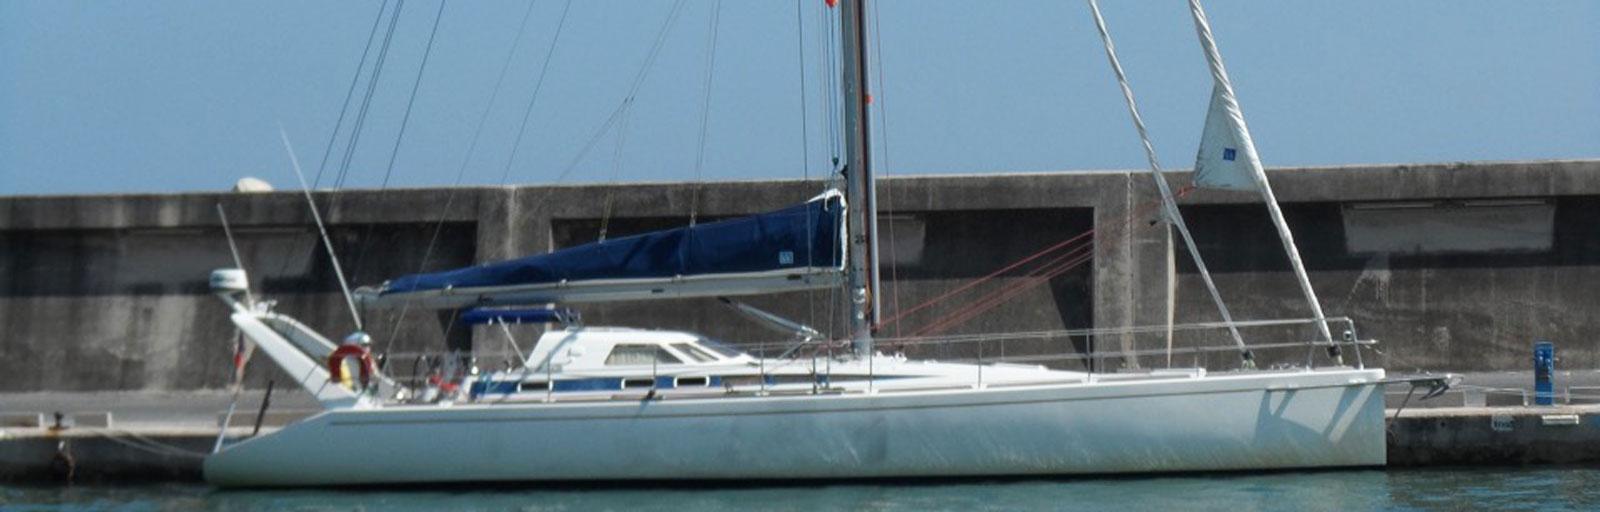 AYC Yachtbrokers - Akela 50'